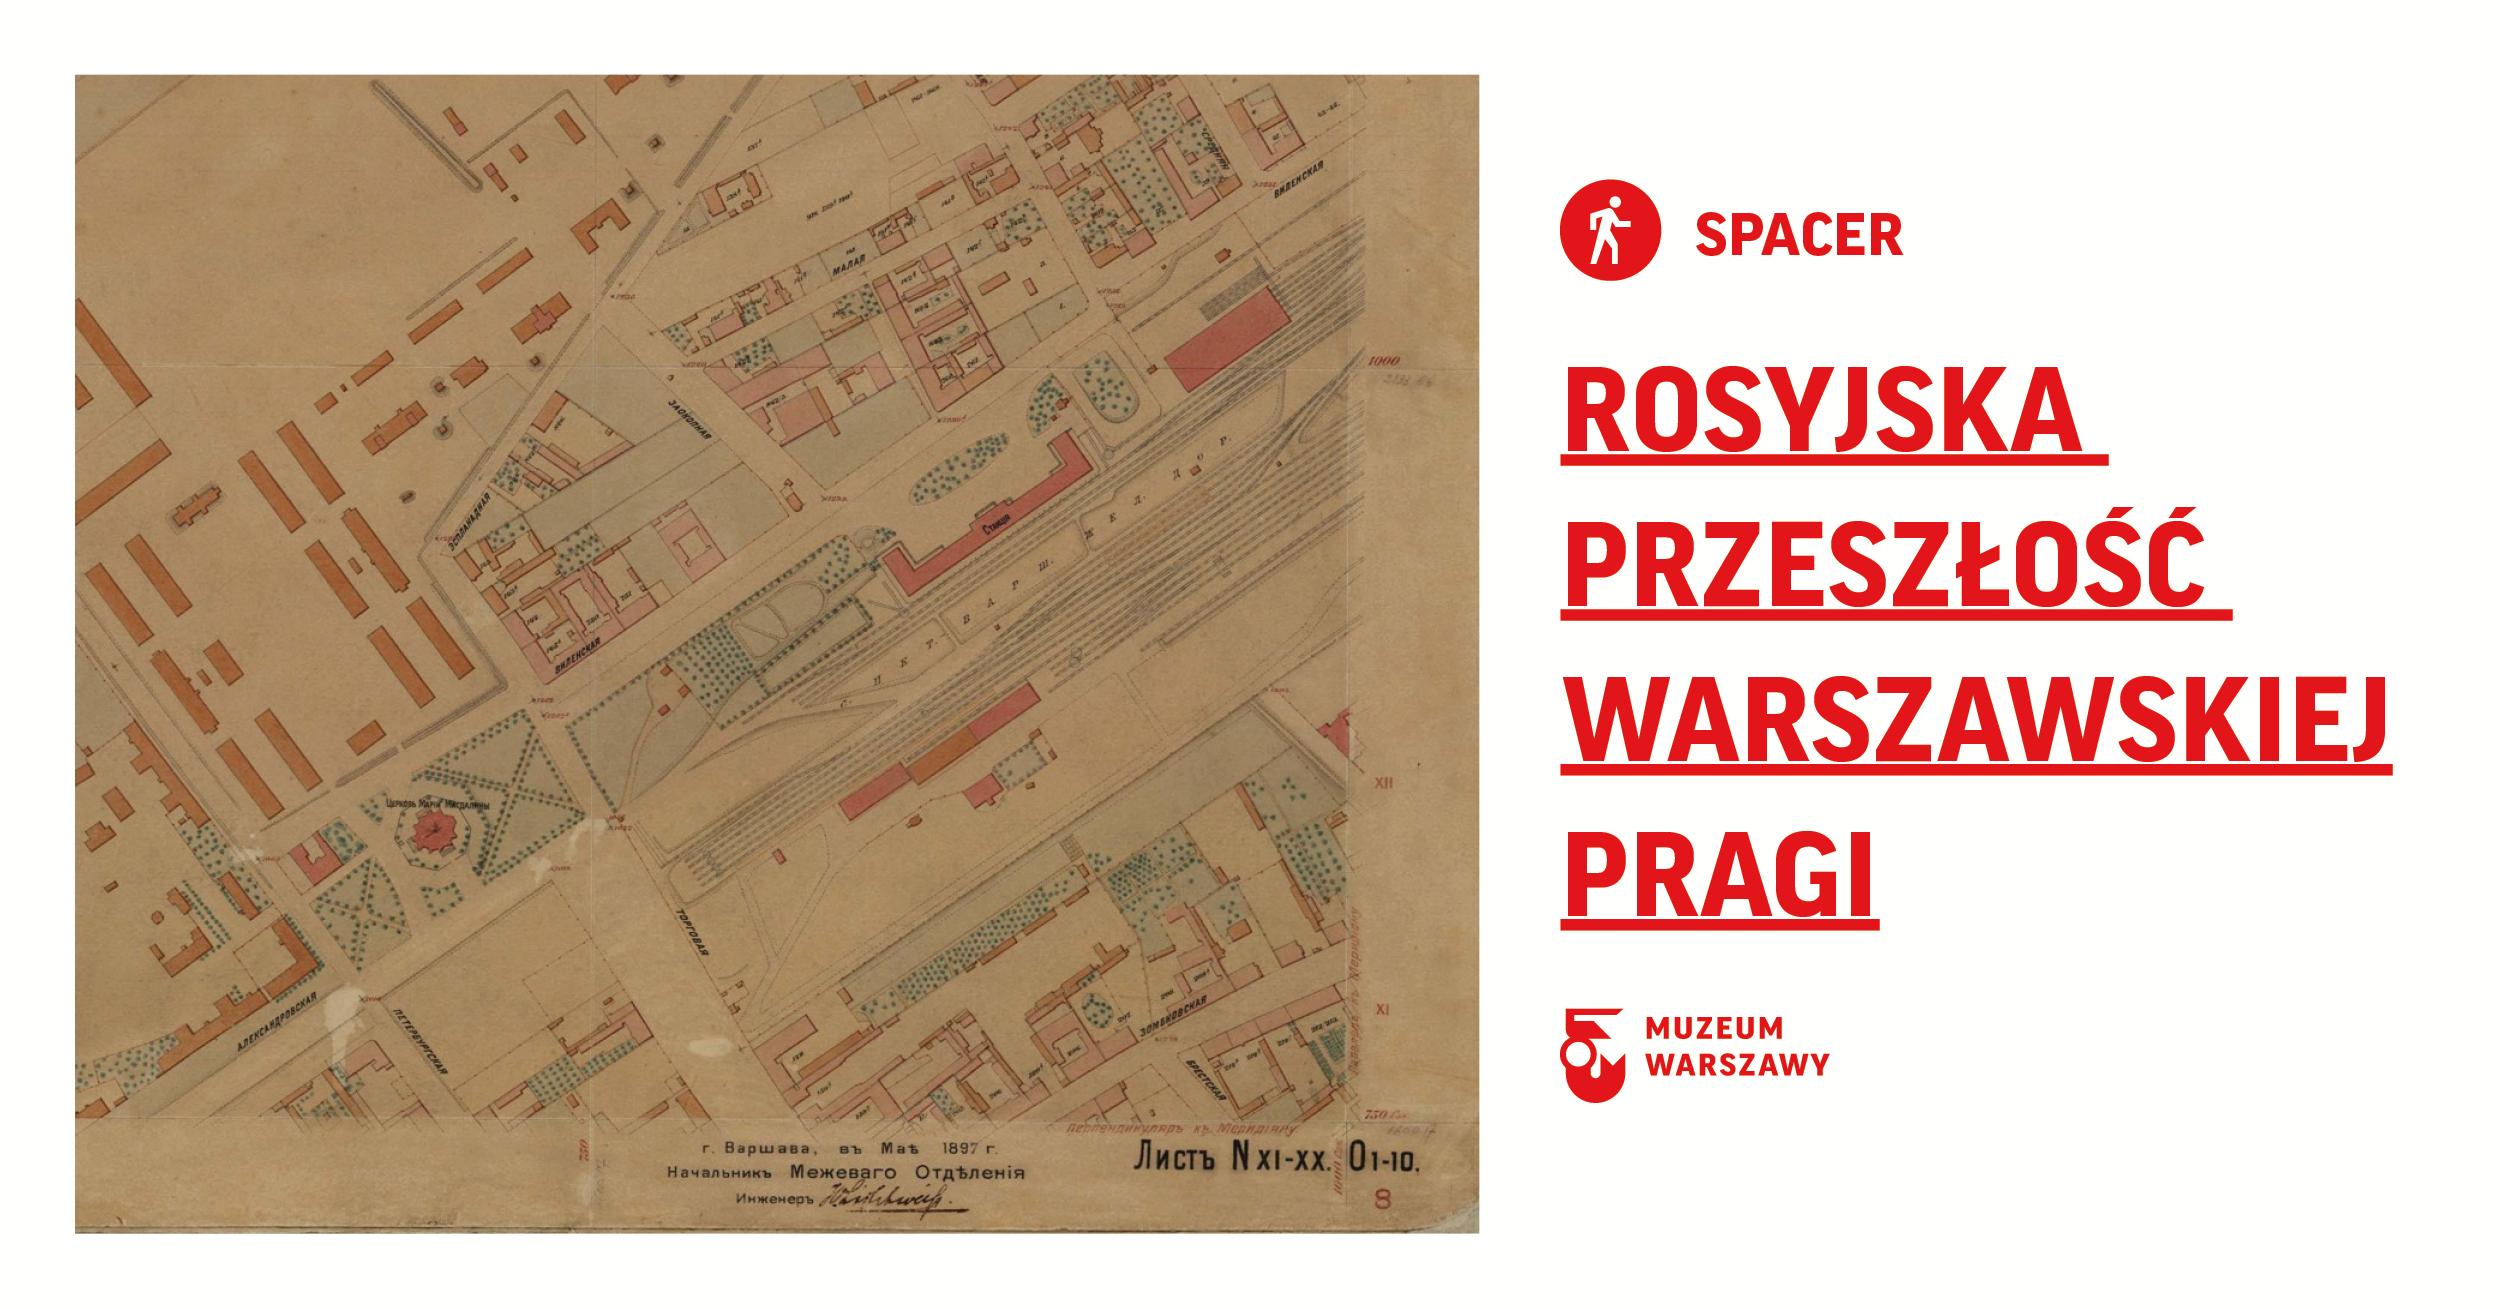 Rosyjska przeszłość warszawskiej Pragi